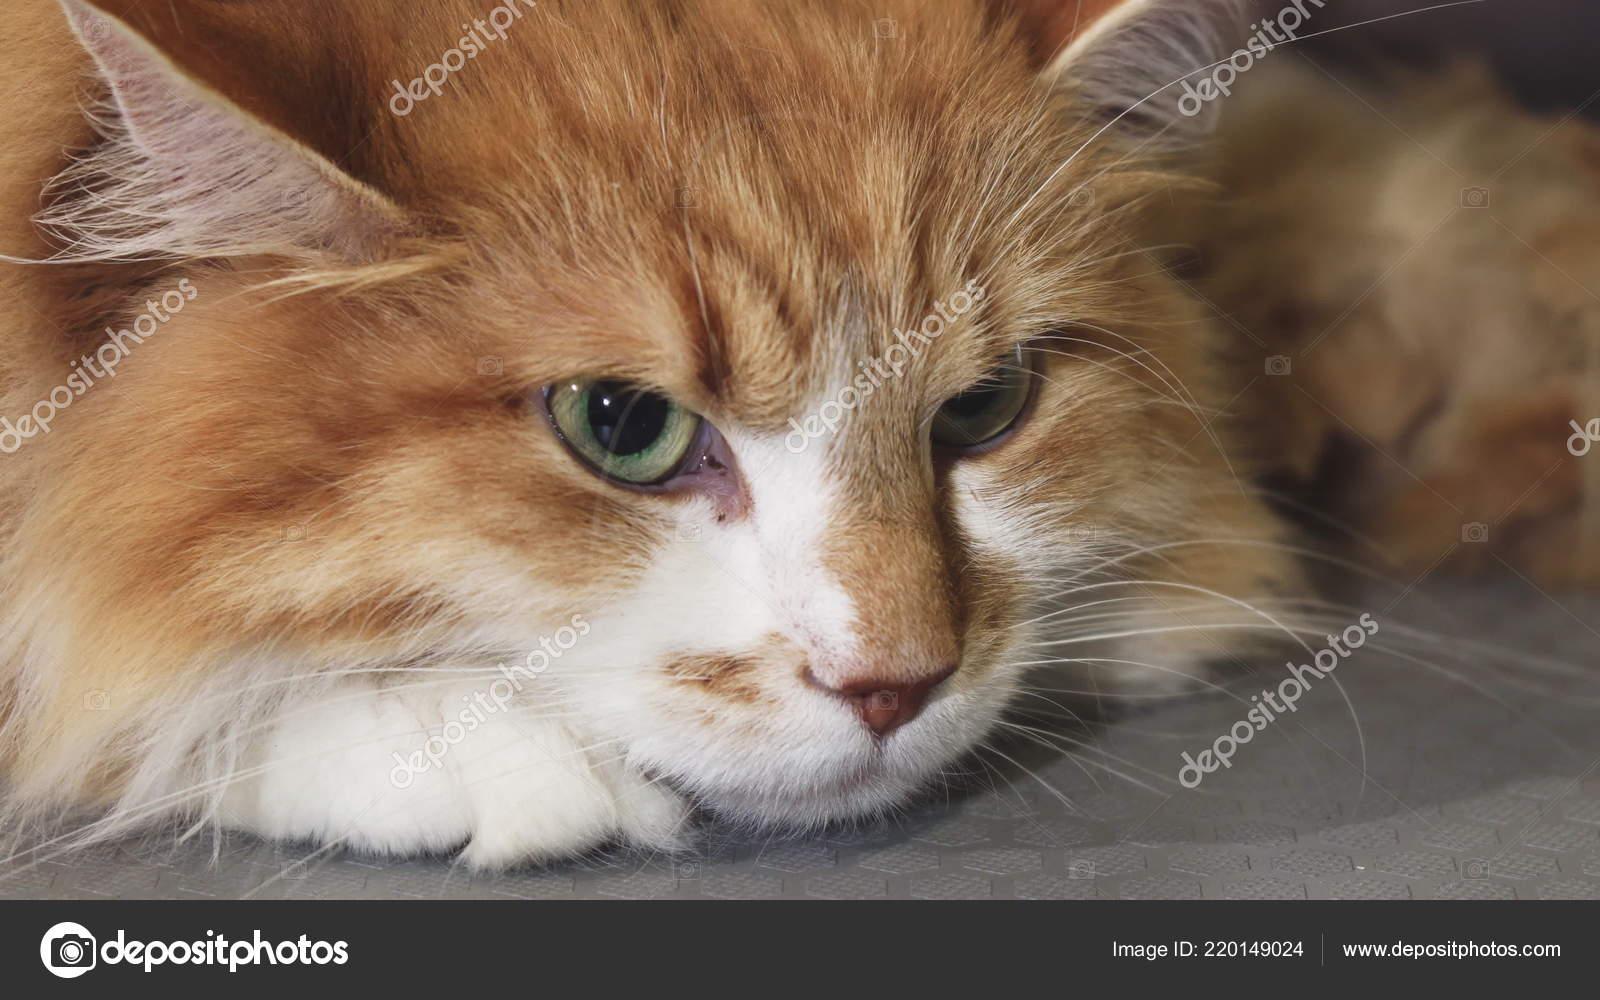 Oholil kočička detailní